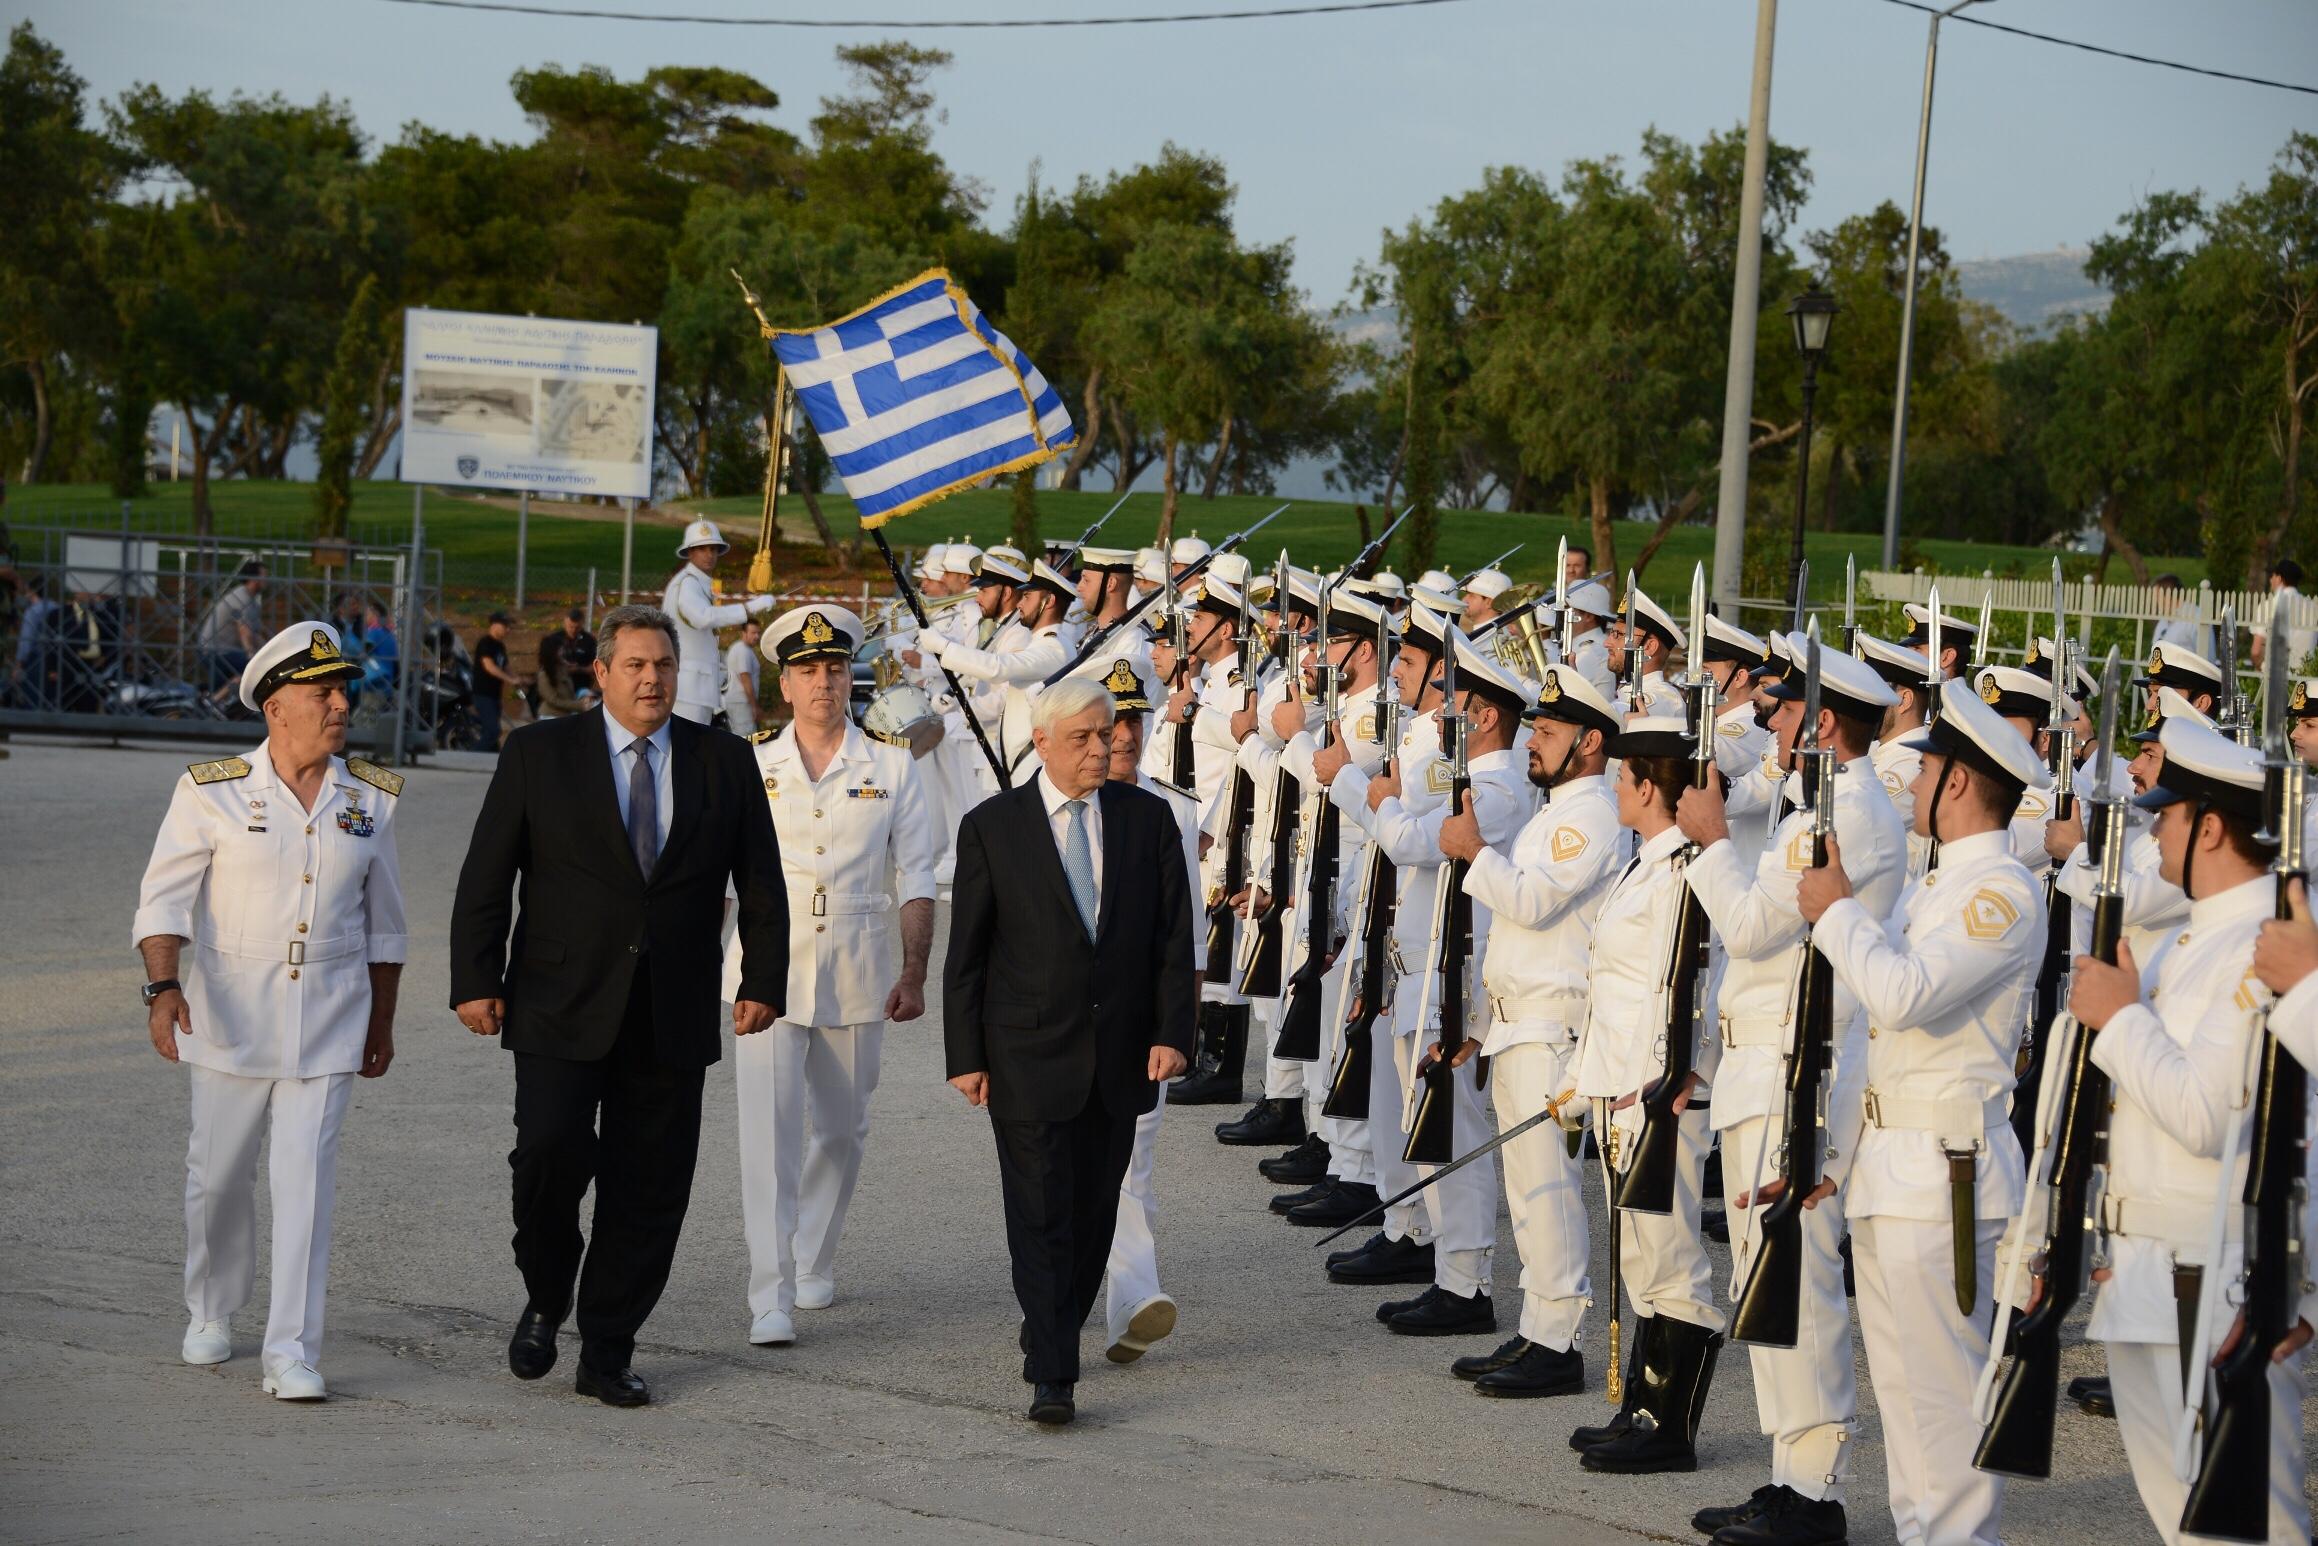 Πάνος Καμμένος: Όρκος απέναντι στο Έθνος, στους ήρωες Προγόνους μας, στον Ελληνικό λαό, ενώπιον του Θεού.